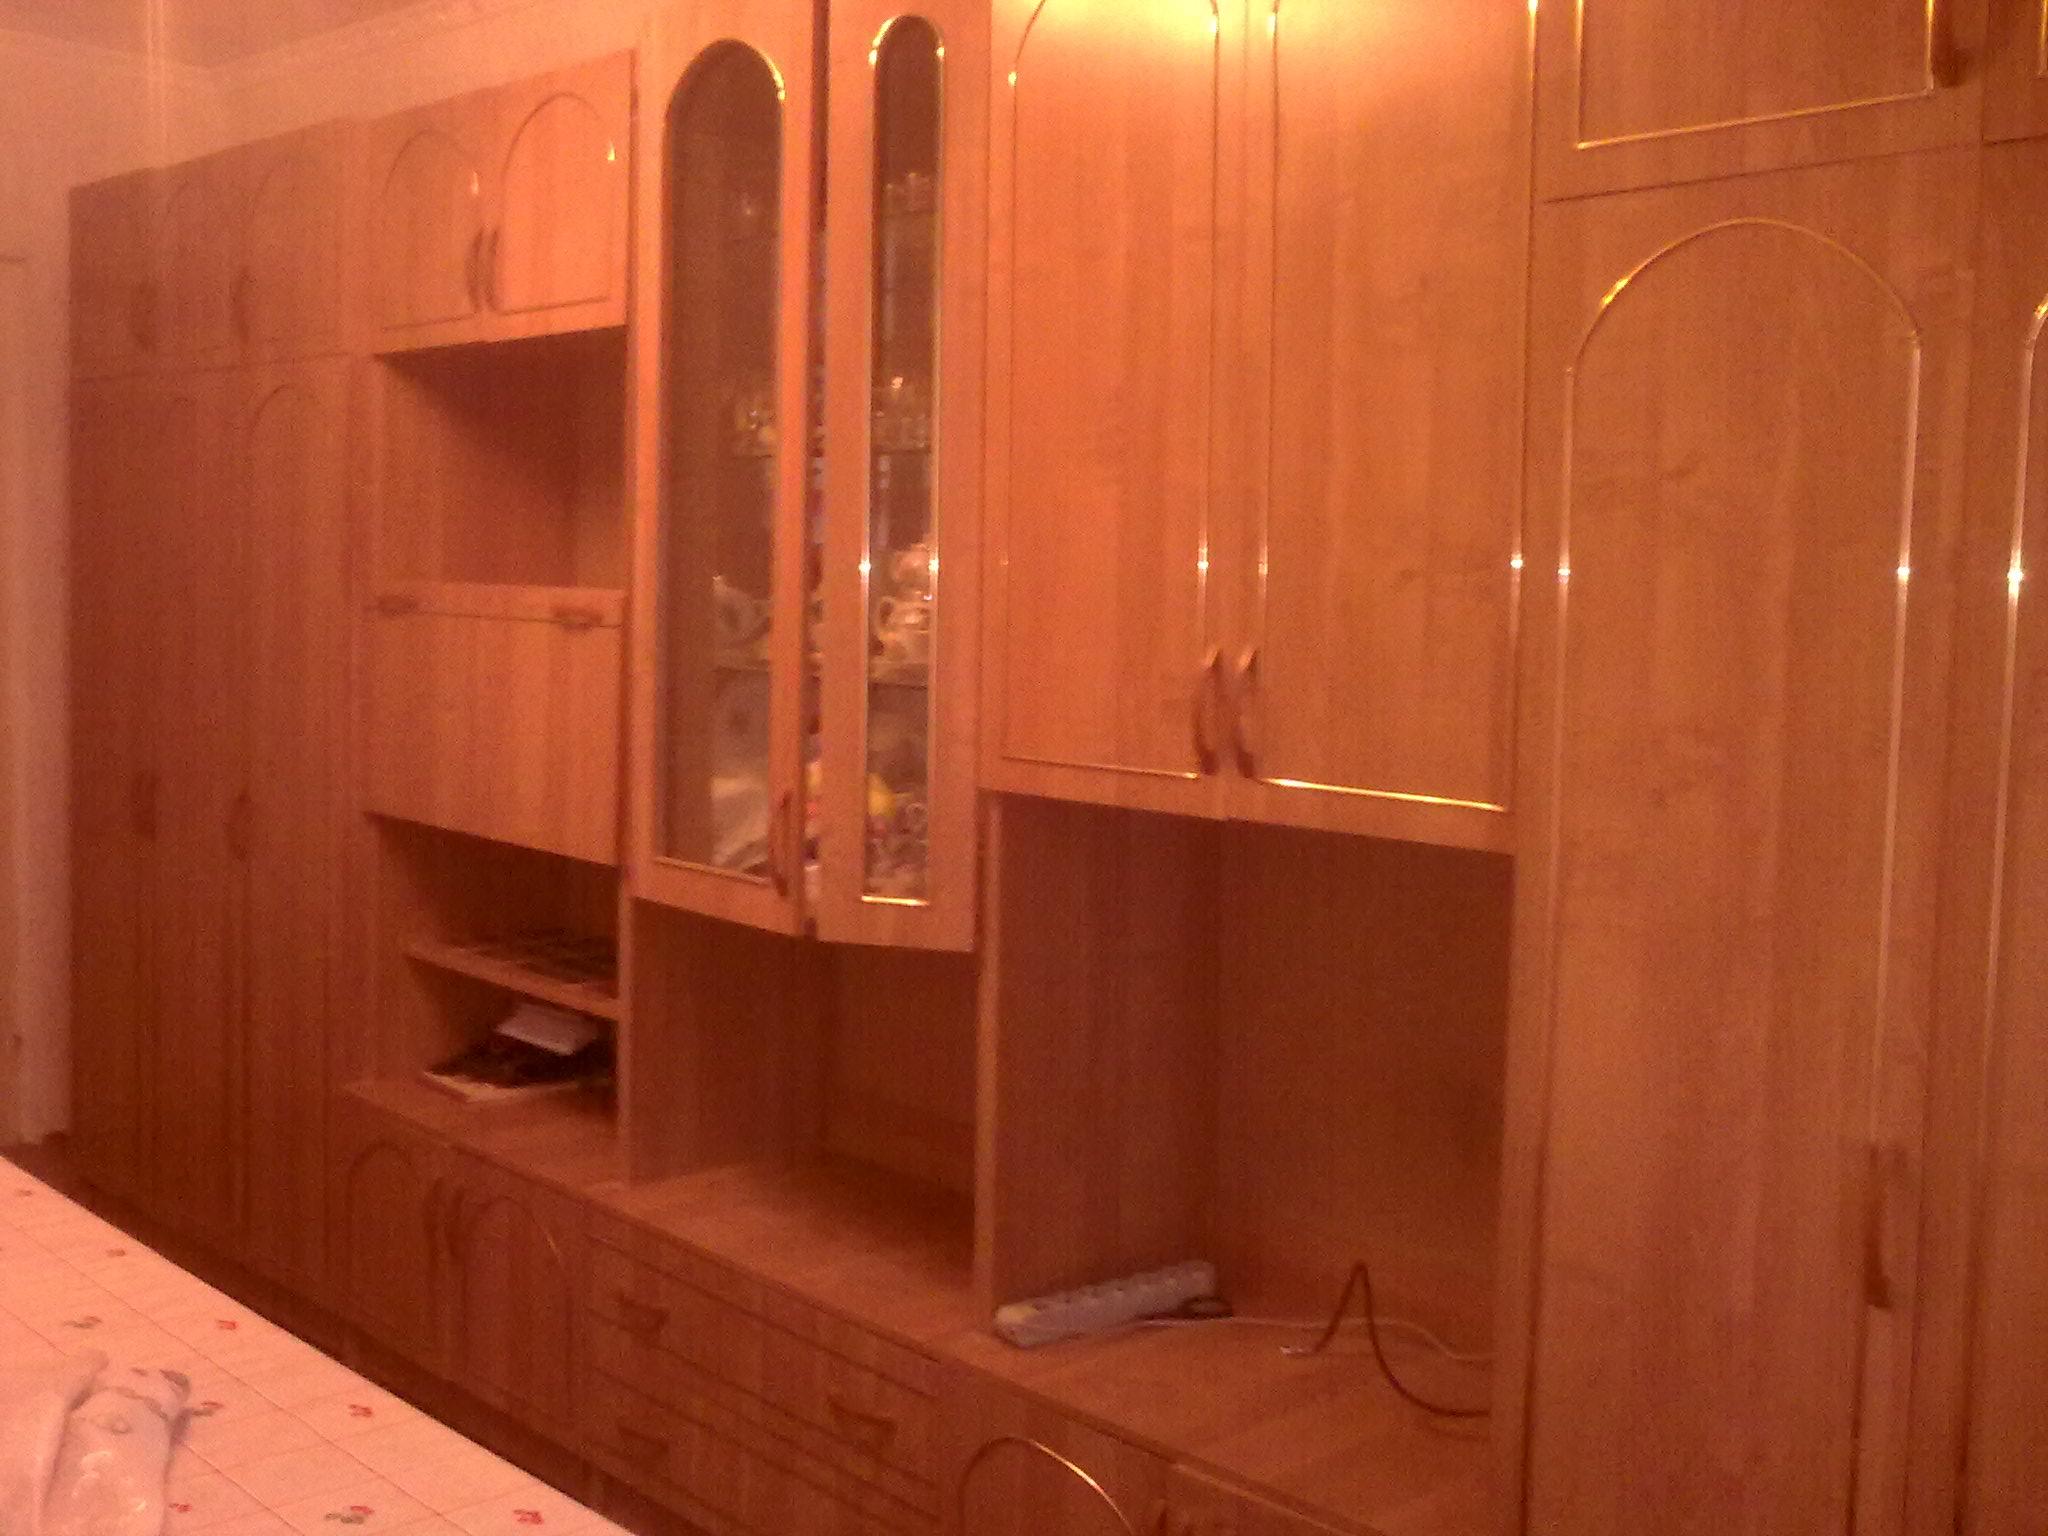 Мебельная стенка 5 метров в пятигорске - дом и дача / мебель.